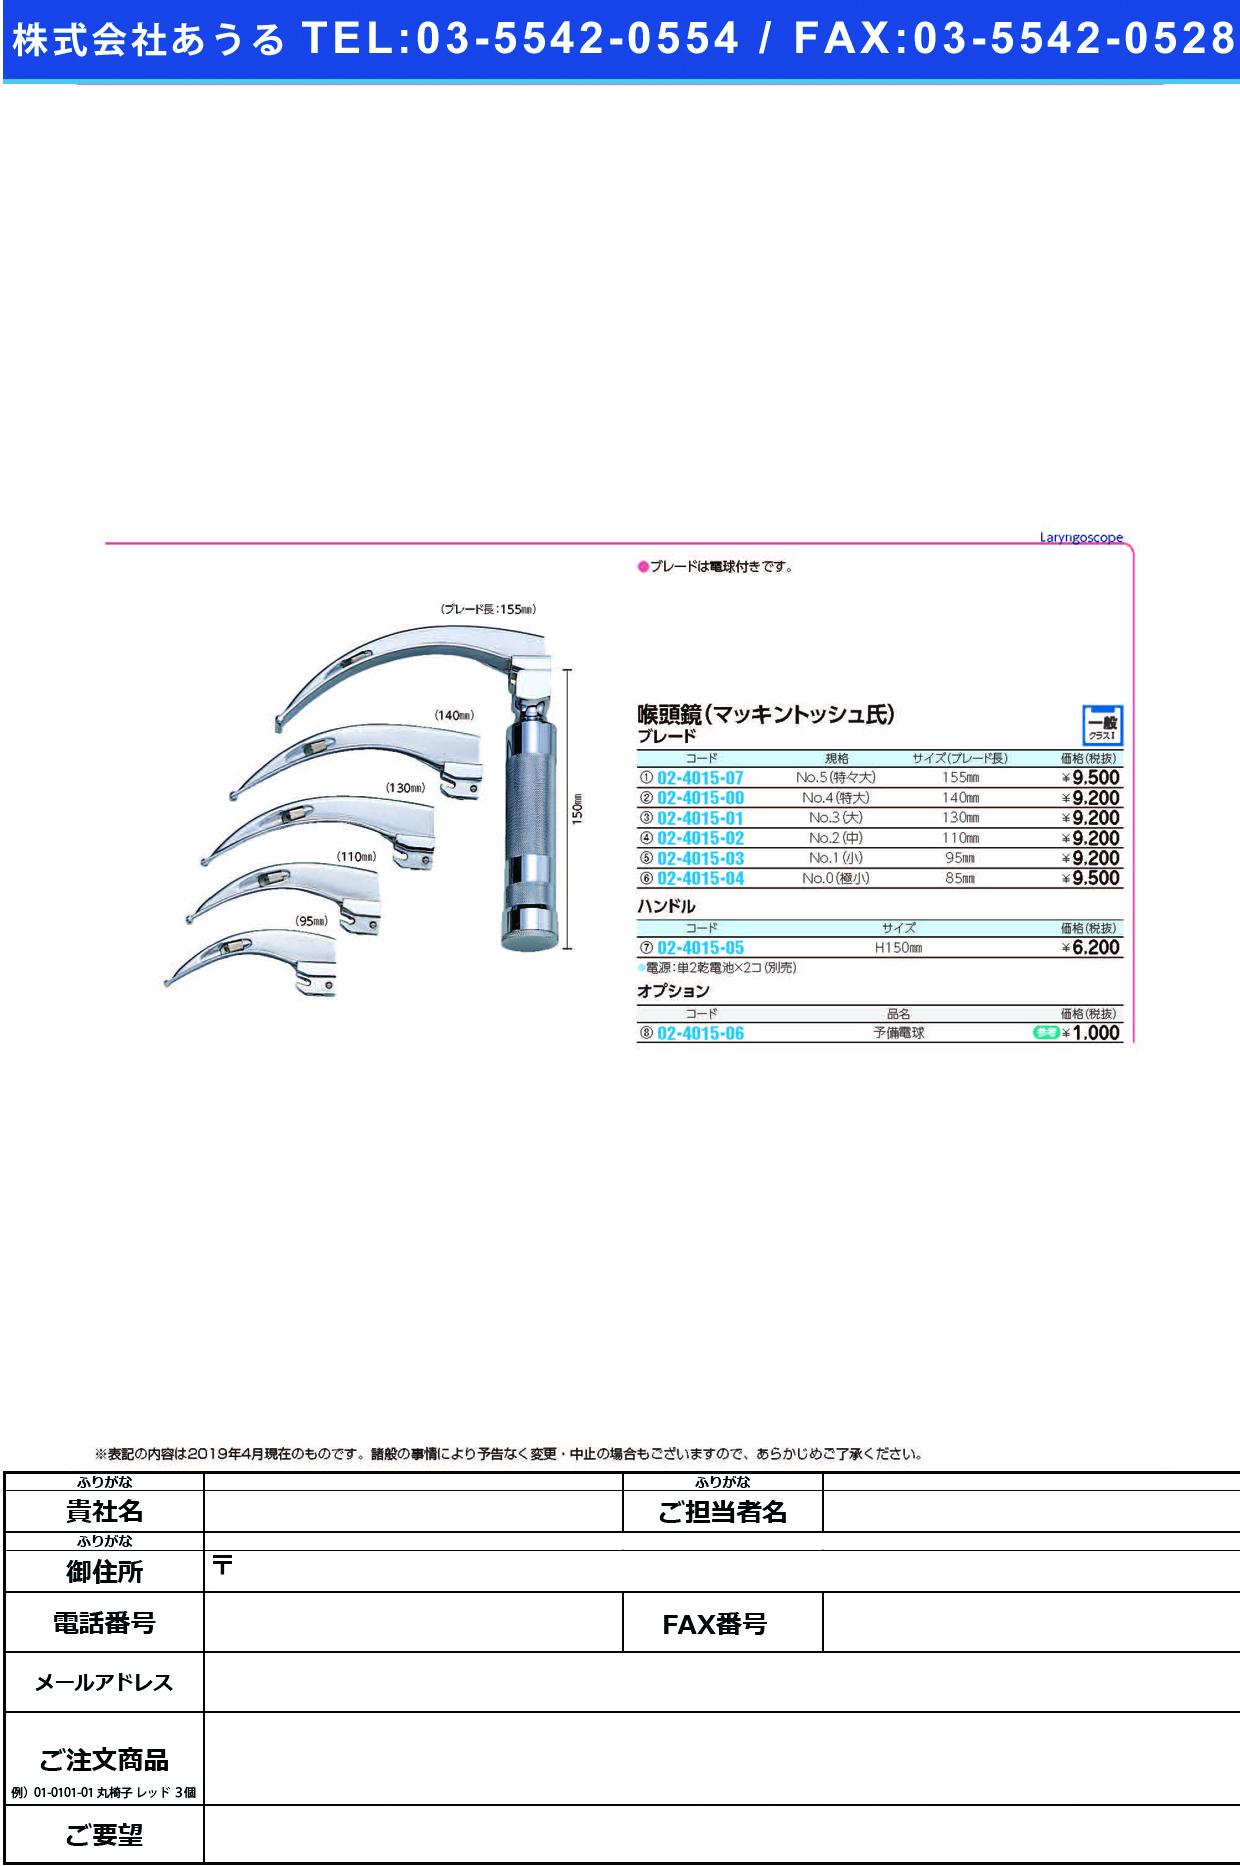 (02-4015-01)喉頭鏡(マッキントッシュ氏)No.3 ブレ-ド(ダイ) コウトウキョウ【1個単位】【2019年カタログ商品】